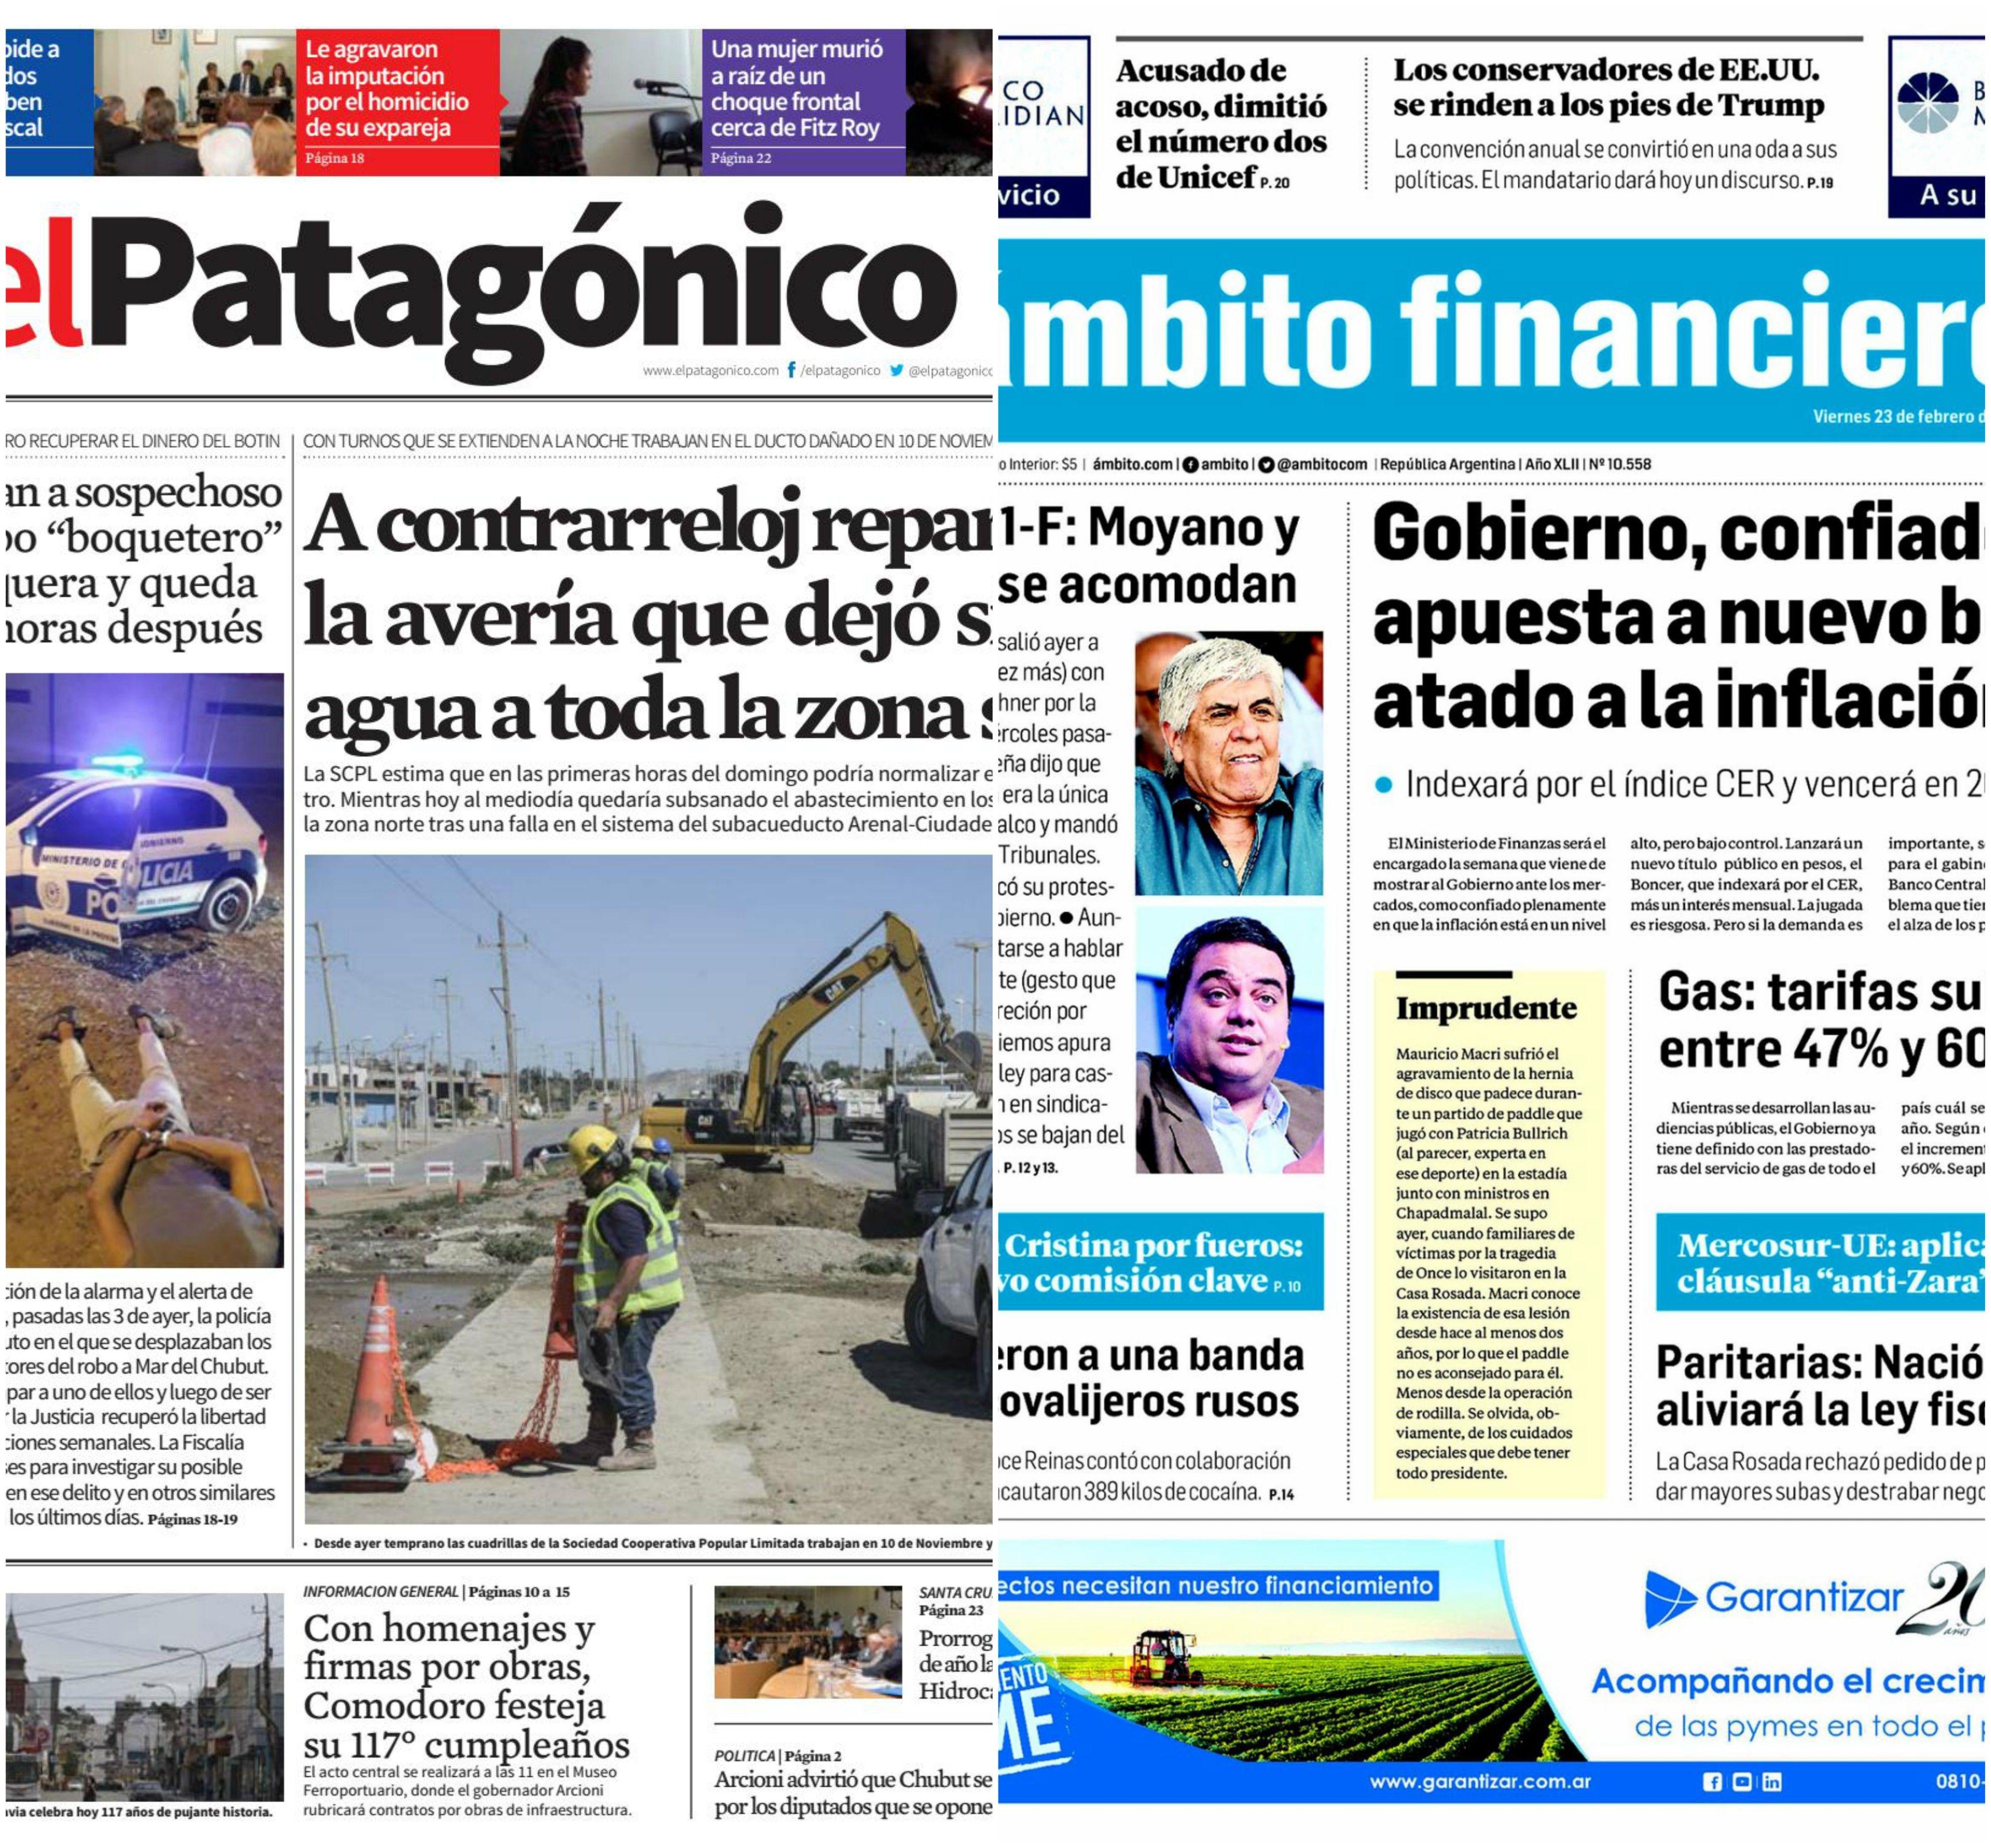 Tapas de diarios del viernes 23 de febrero de 2018